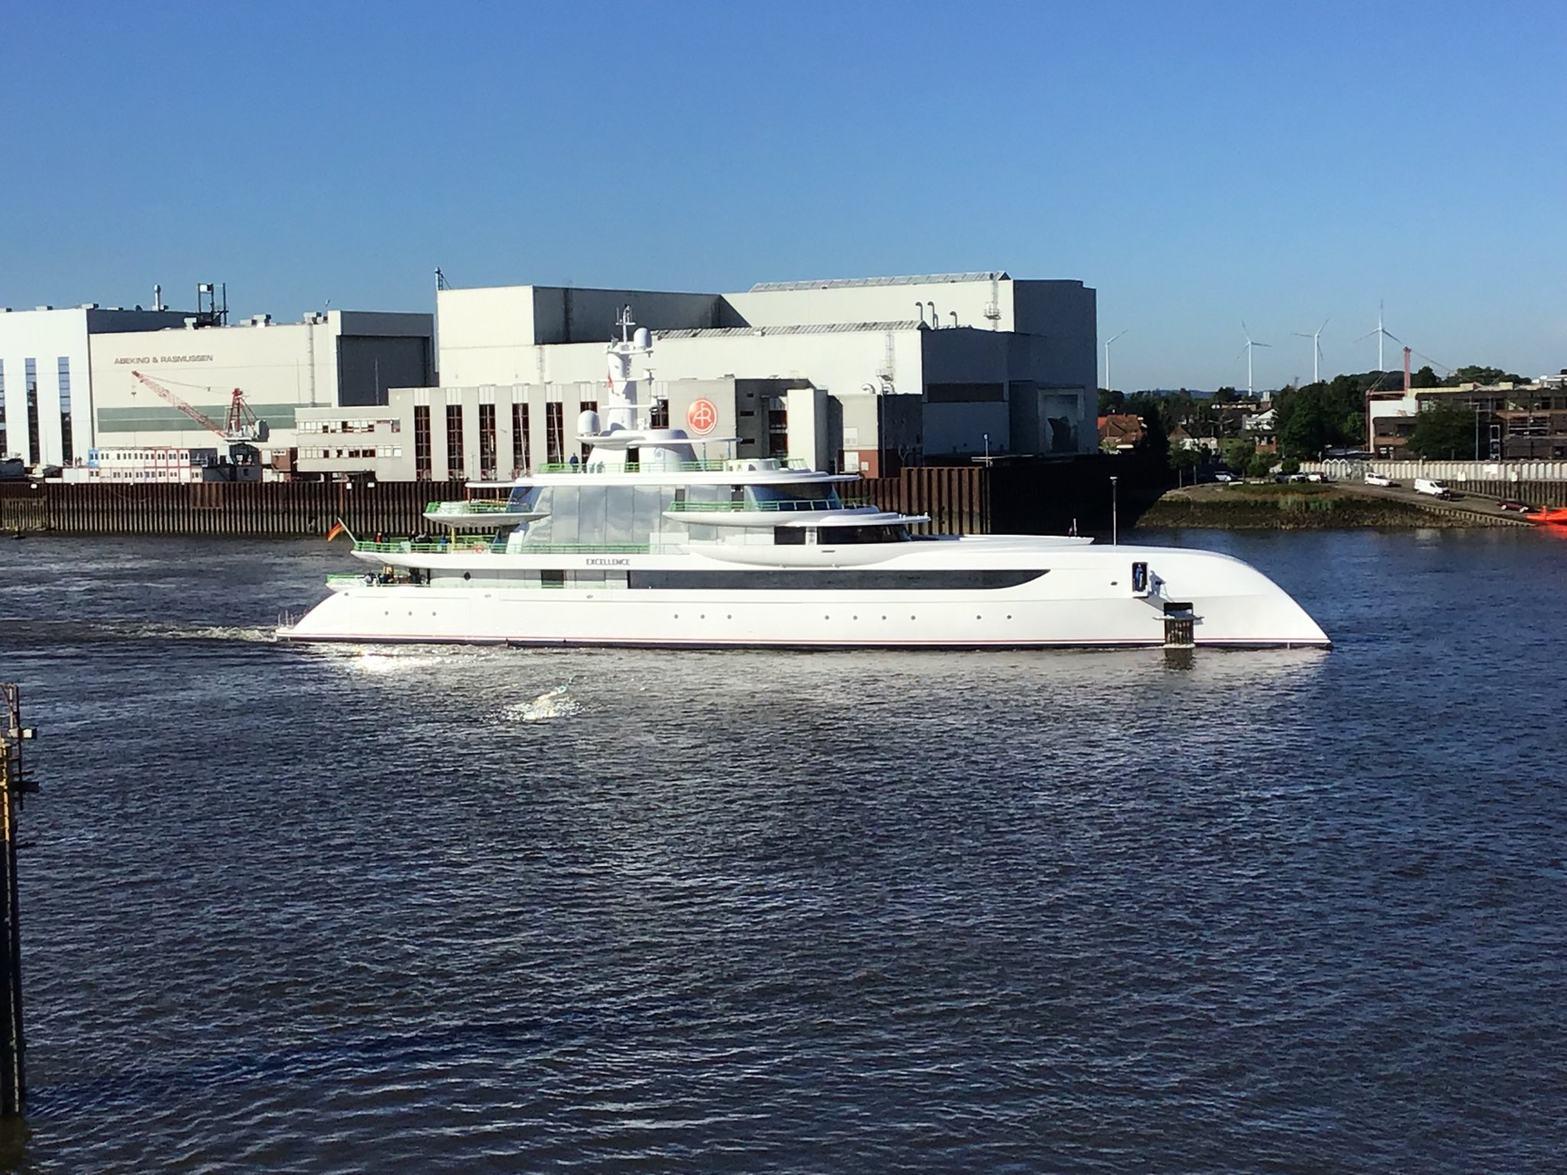 EXCELLENCE superyacht underway